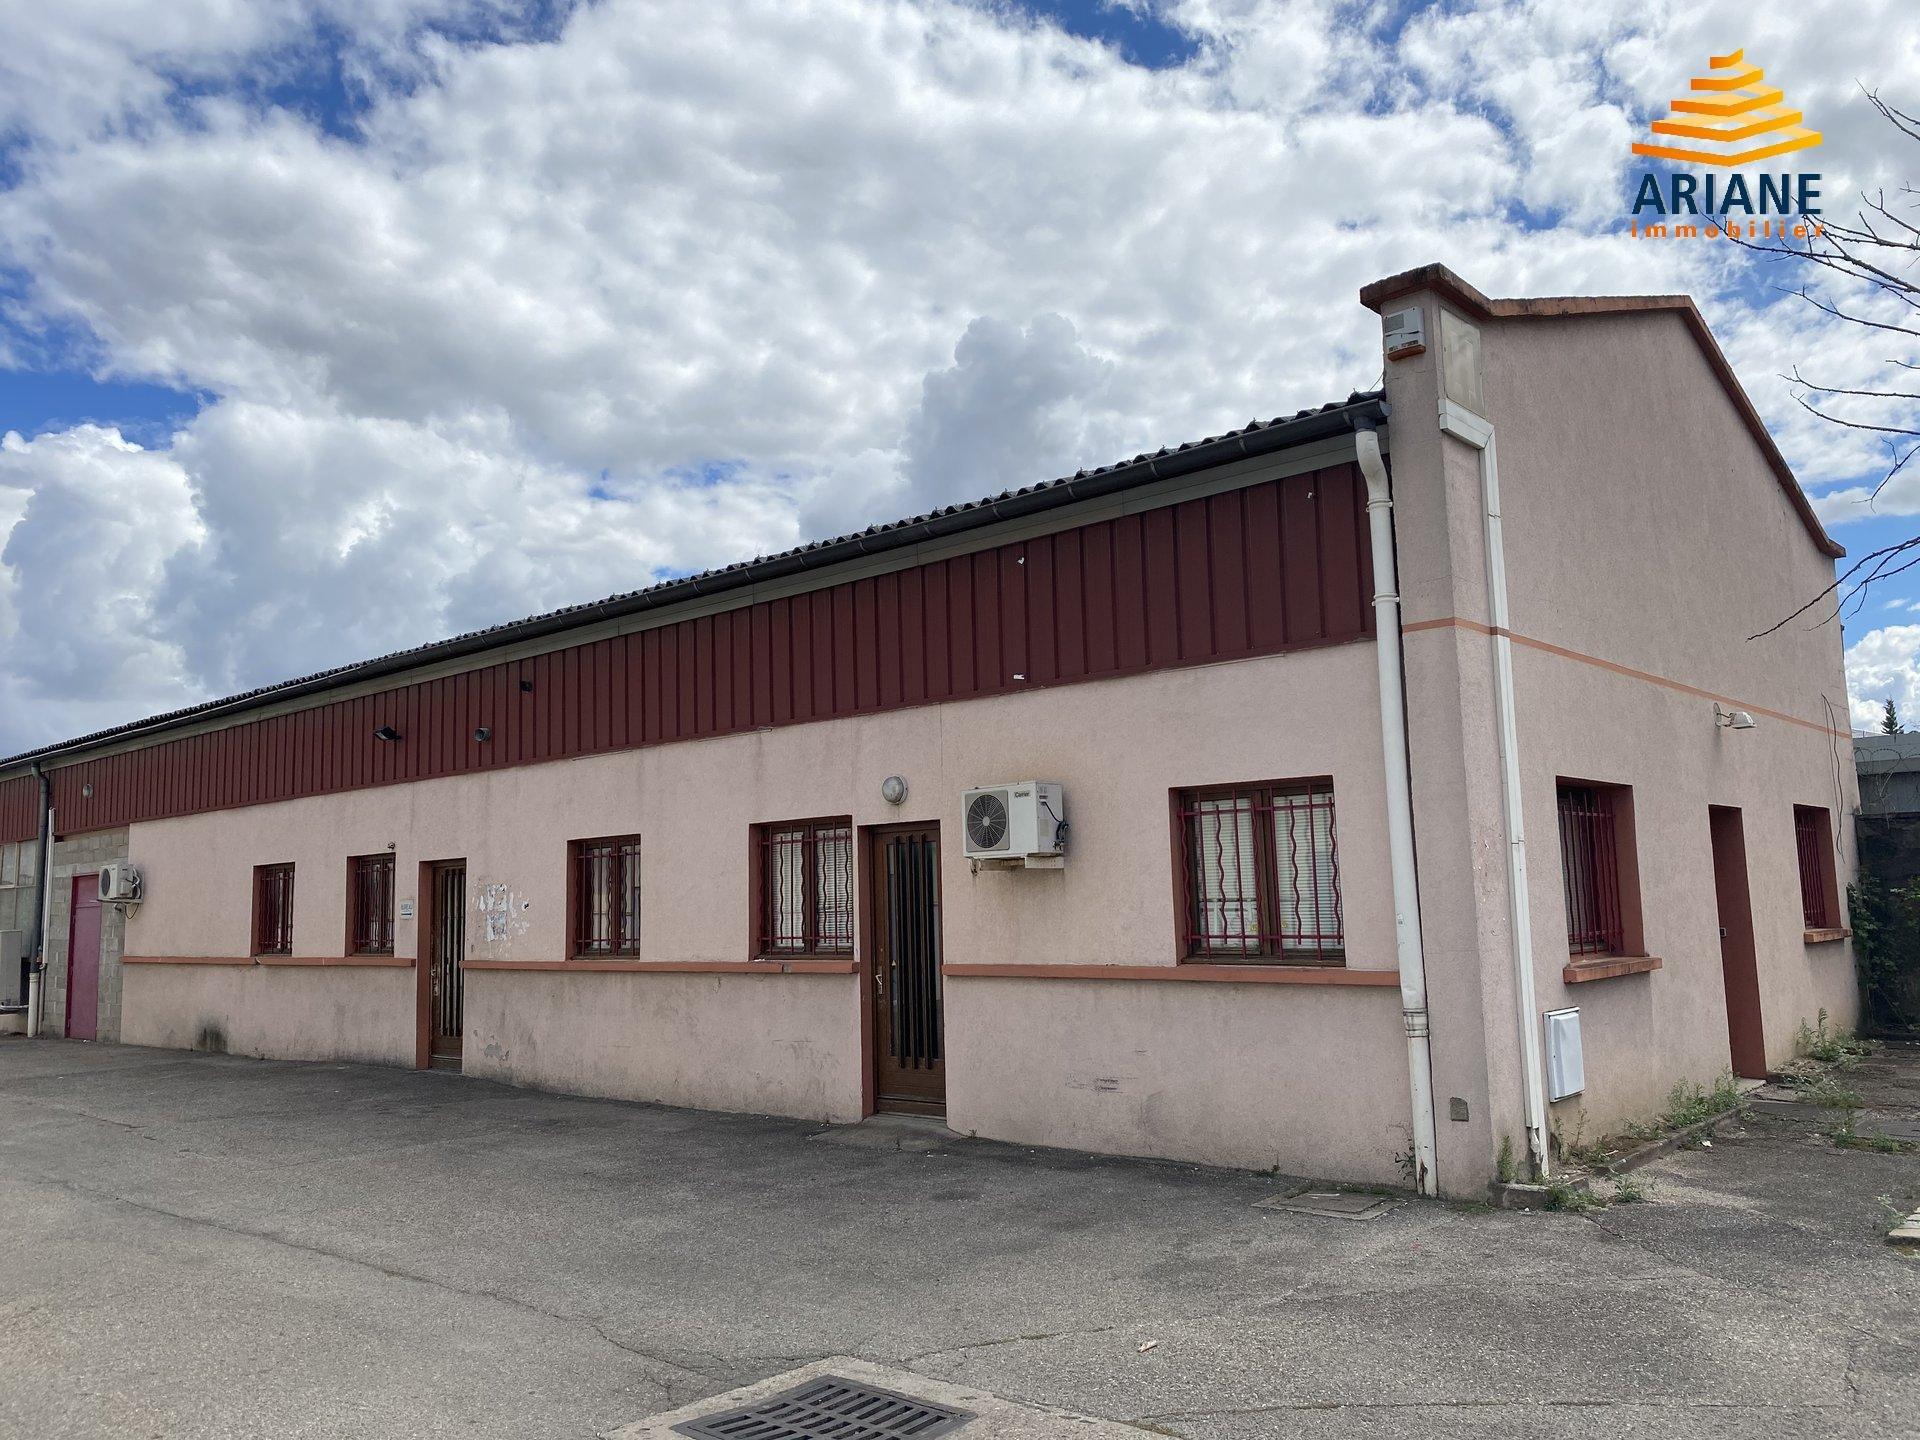 Local activité à vendre 303 m2 Vénissieux